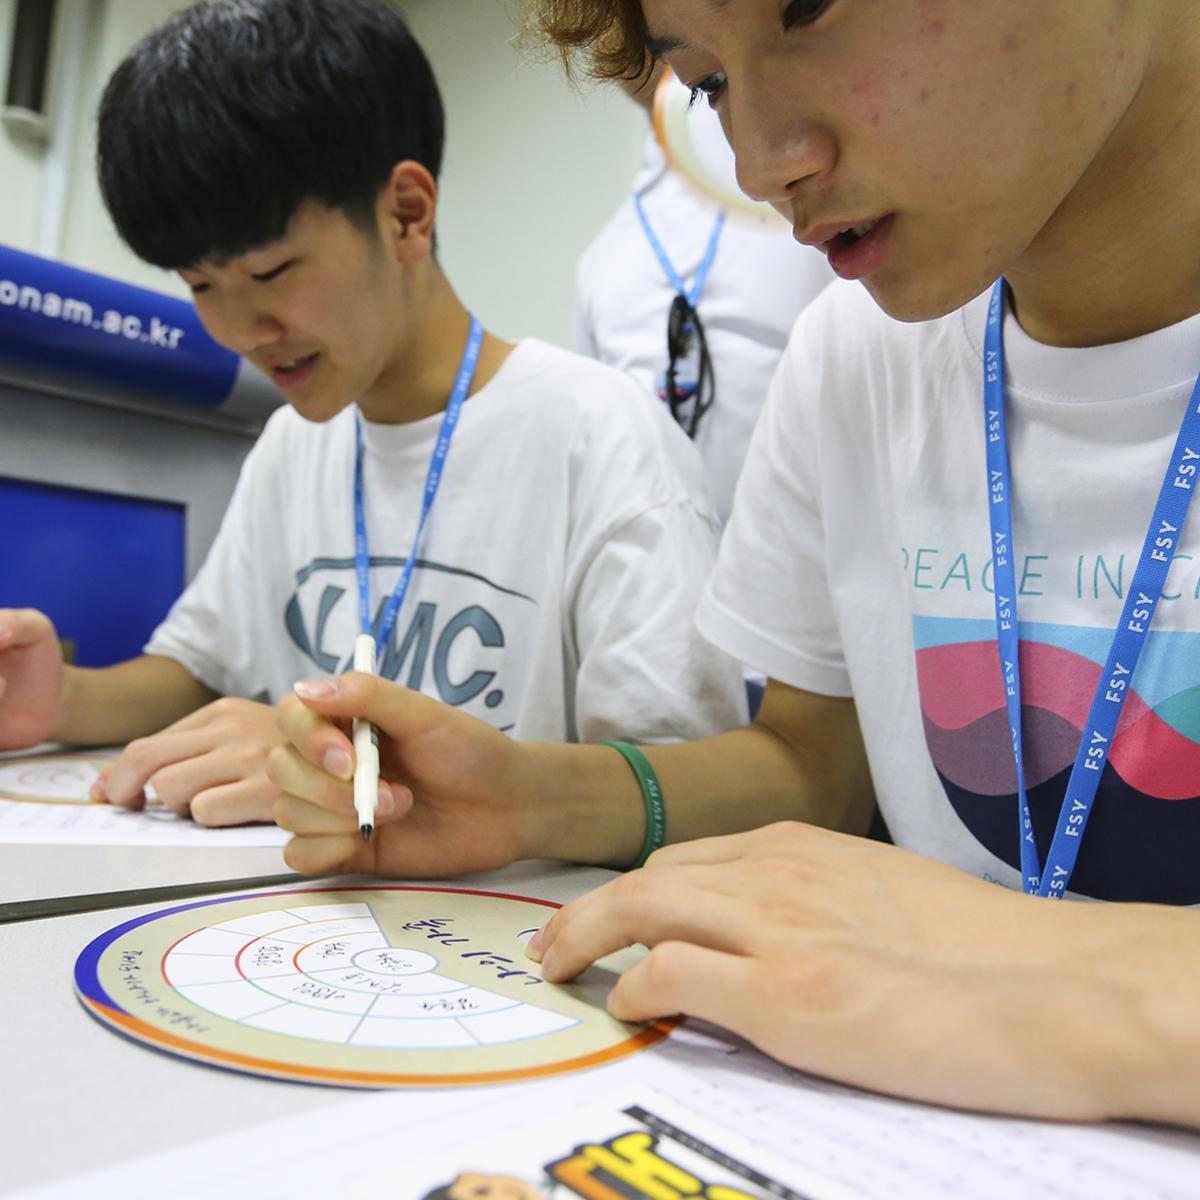 분반 활동에서 가족 역사 사업을 경험하는 청소년들